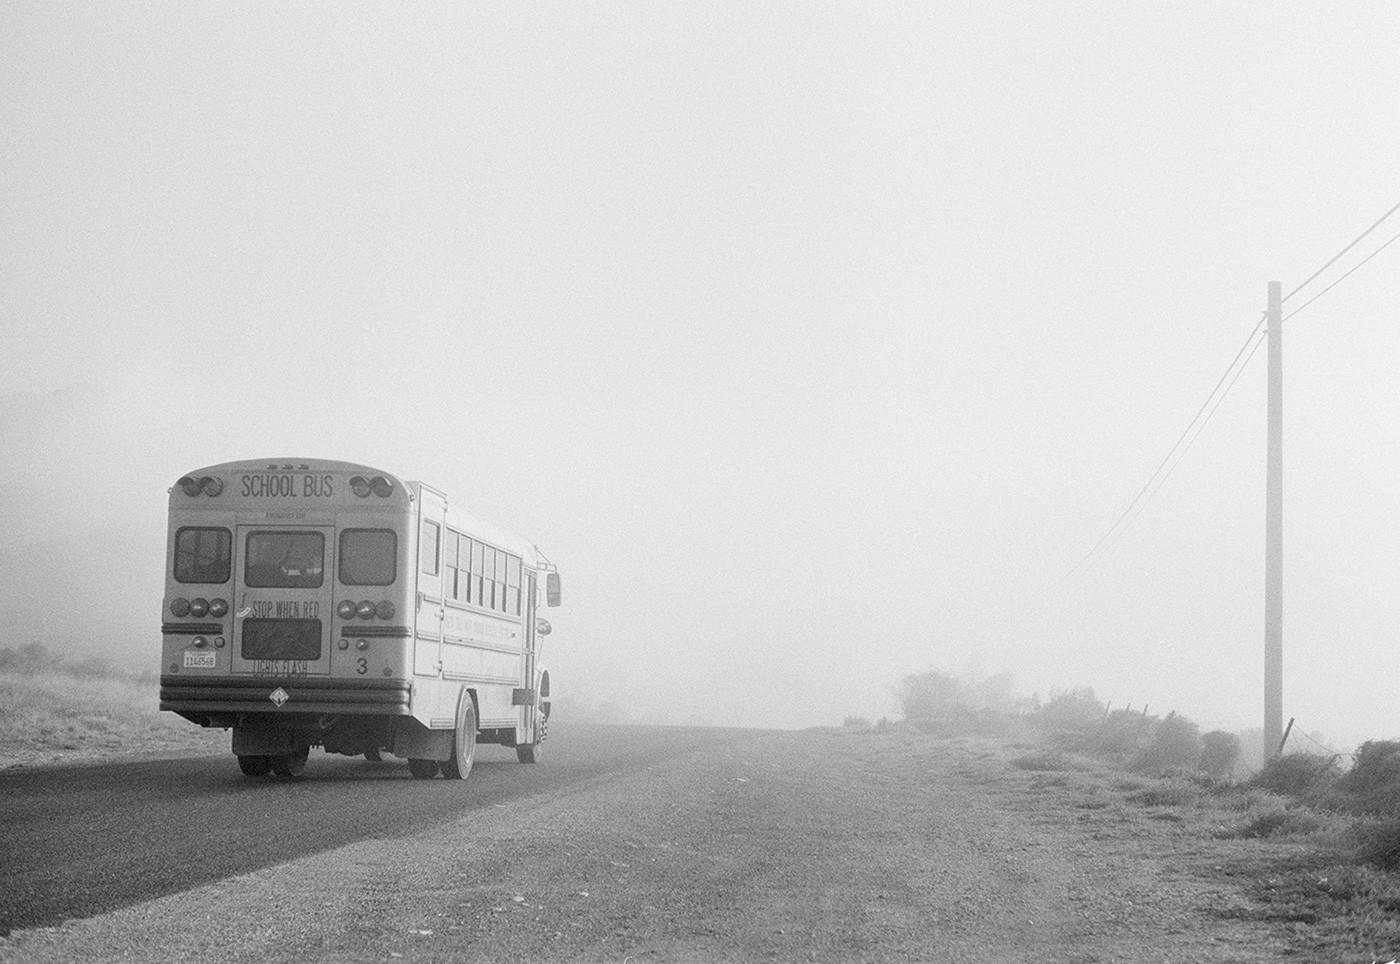 nickandchloe_schoolbus